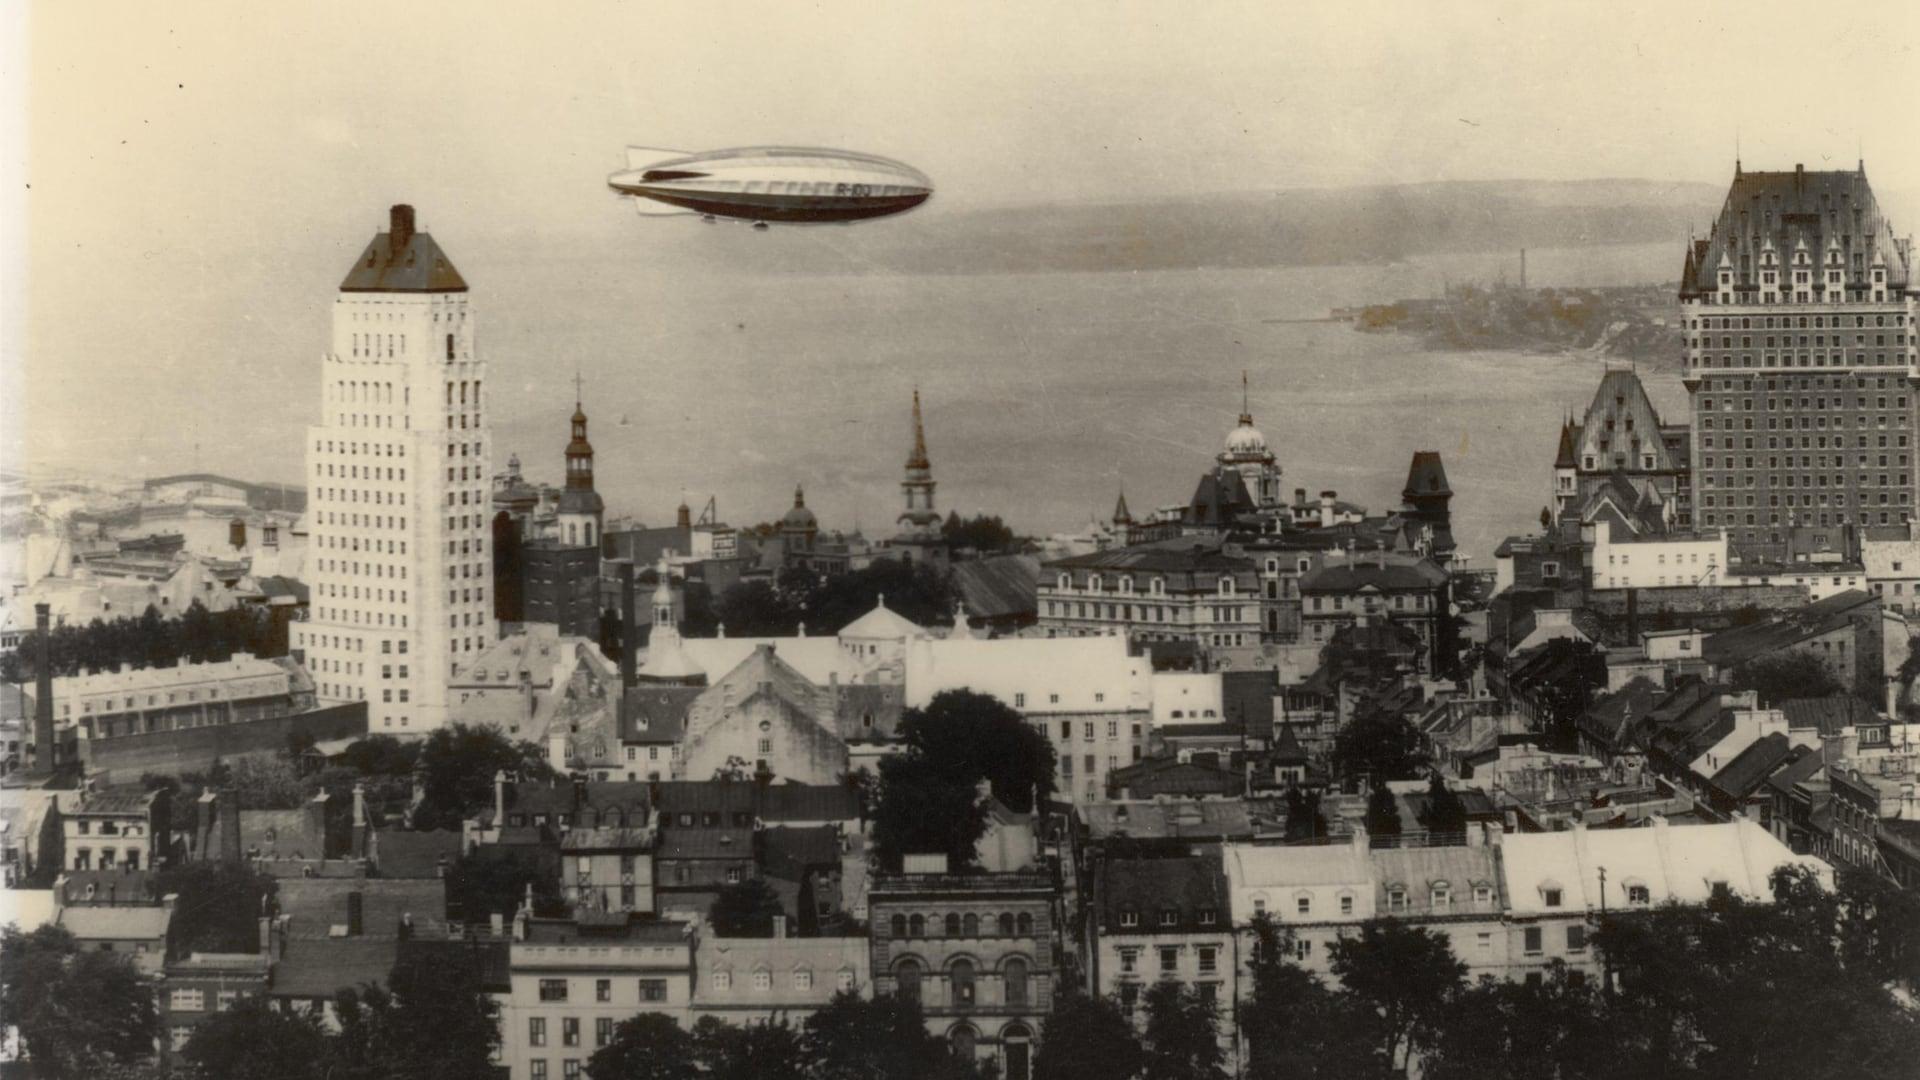 Le R-100 passe majestueusement au-dessus de l'édifice Price et du Château Frontenac en survolant Québec.